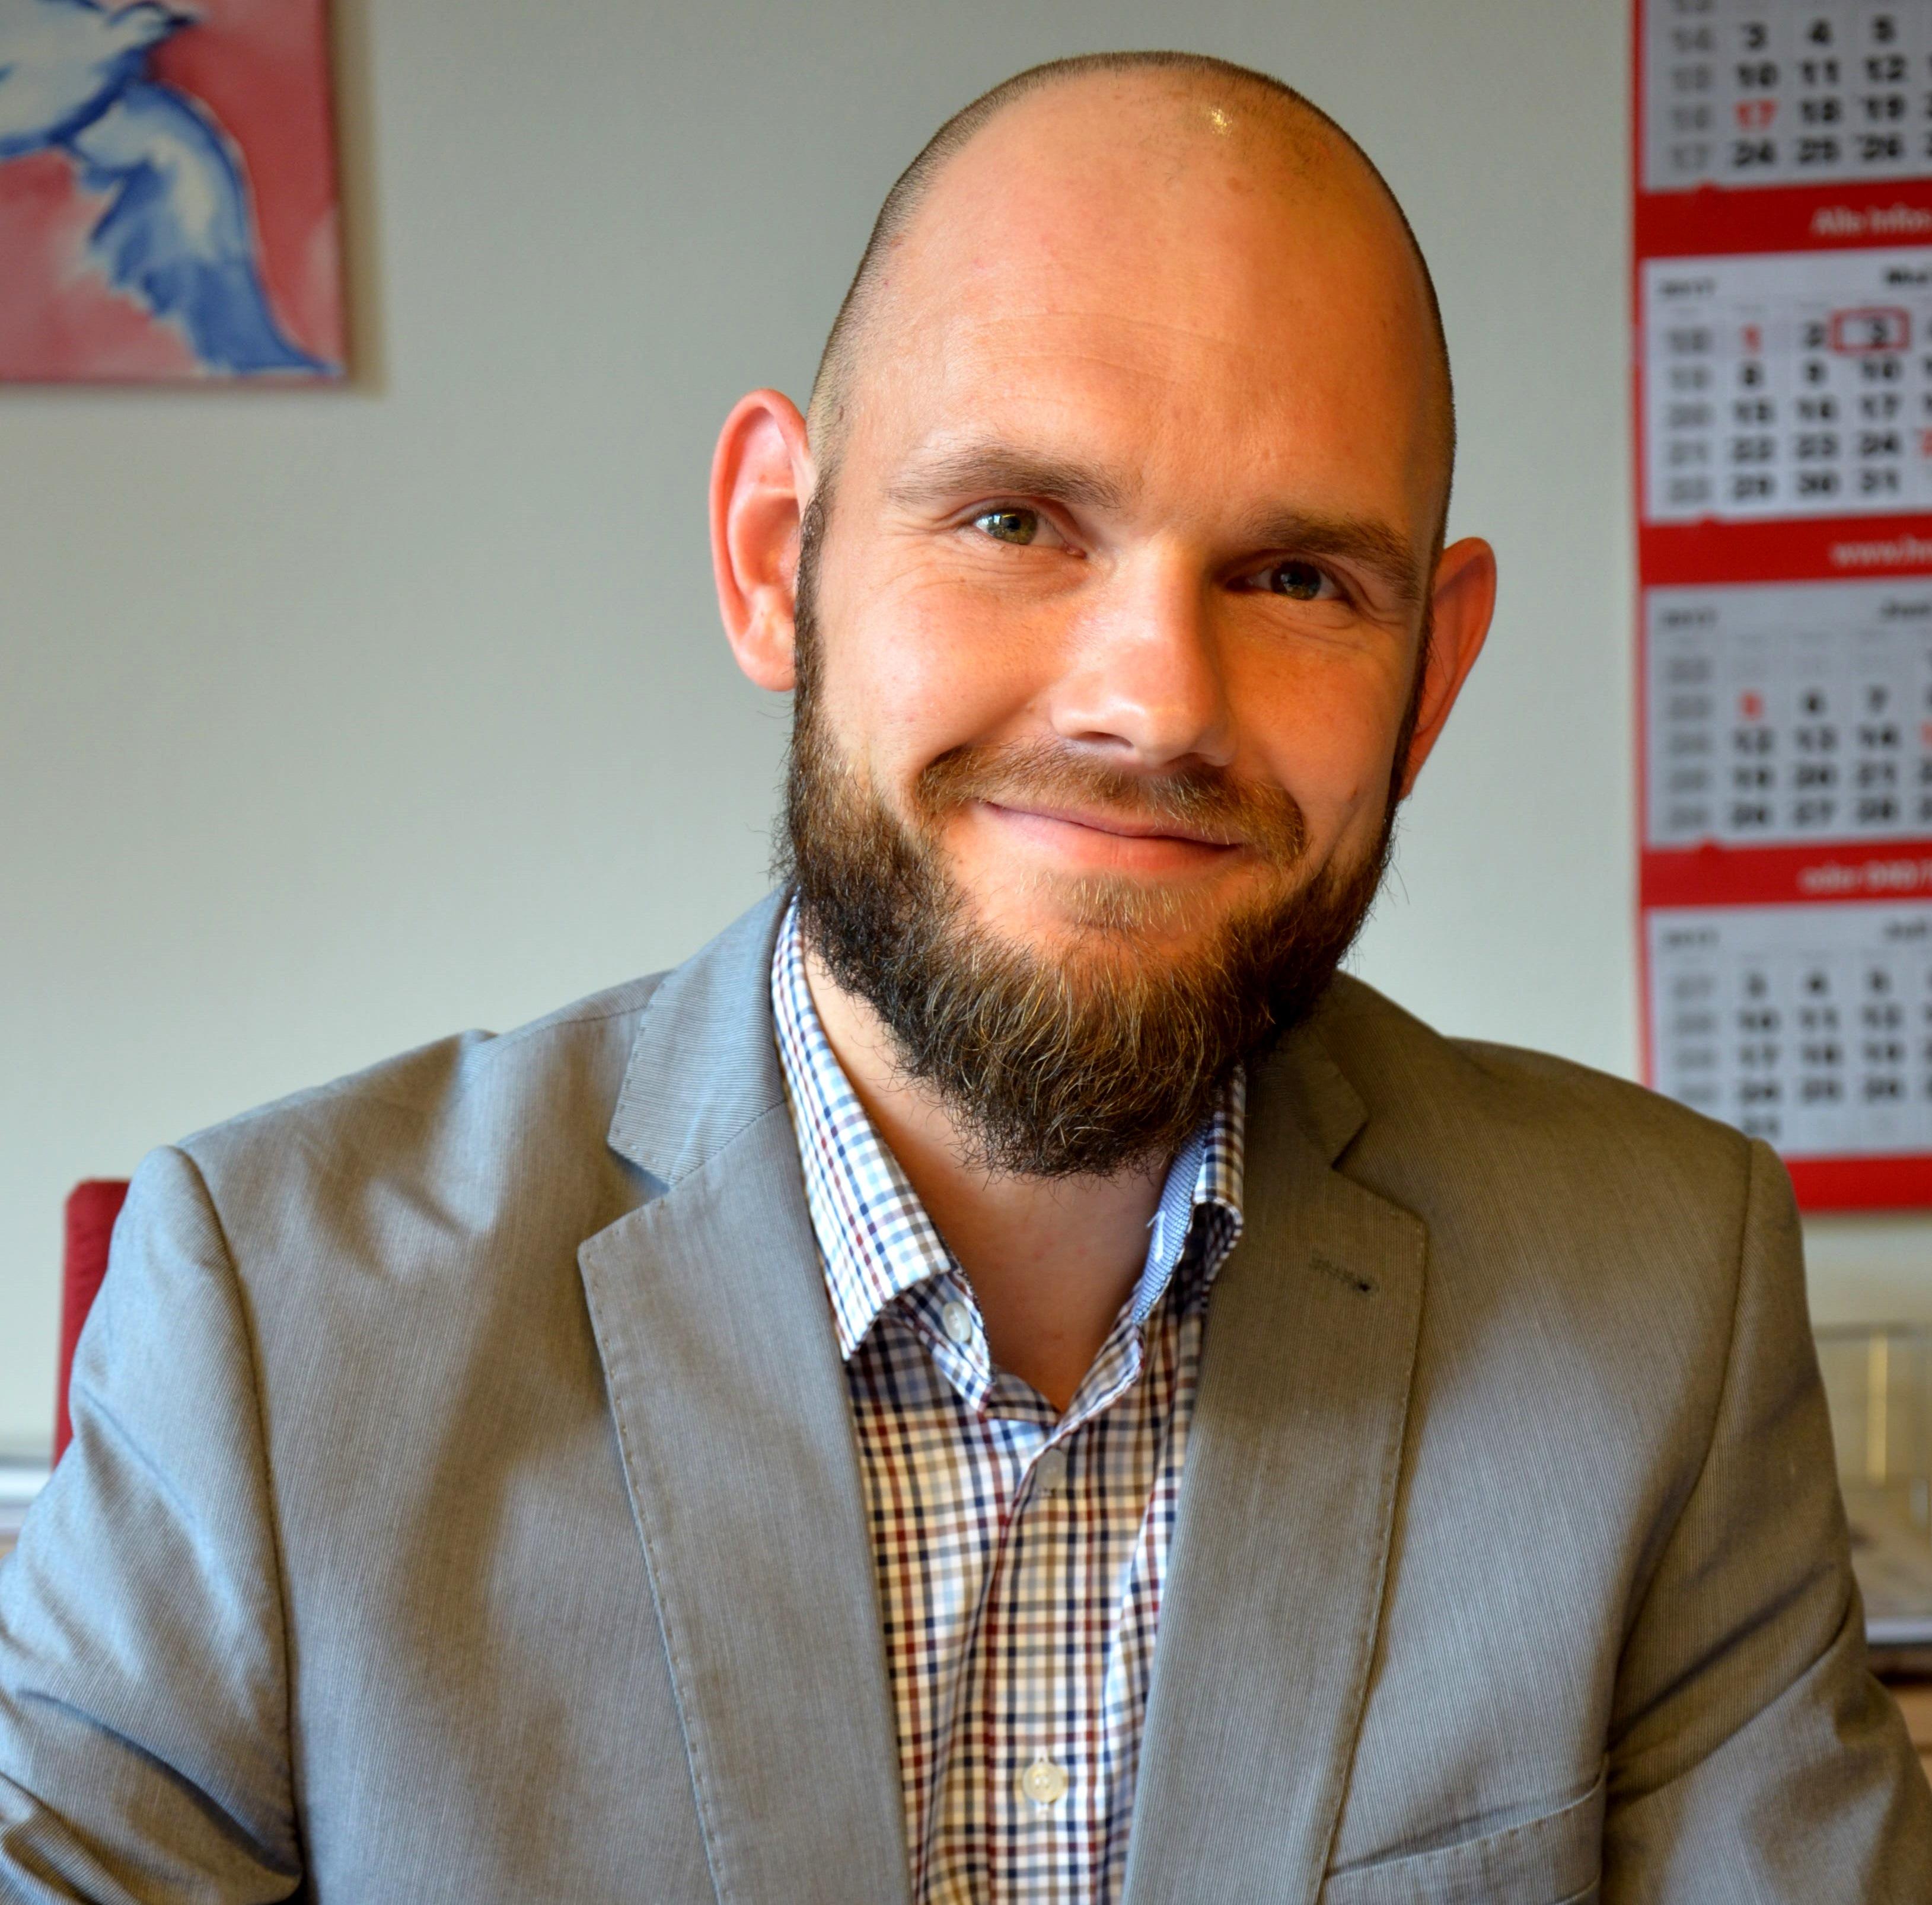 Tobias Frohnert über die kommunalen Lebensmittelkontrollen